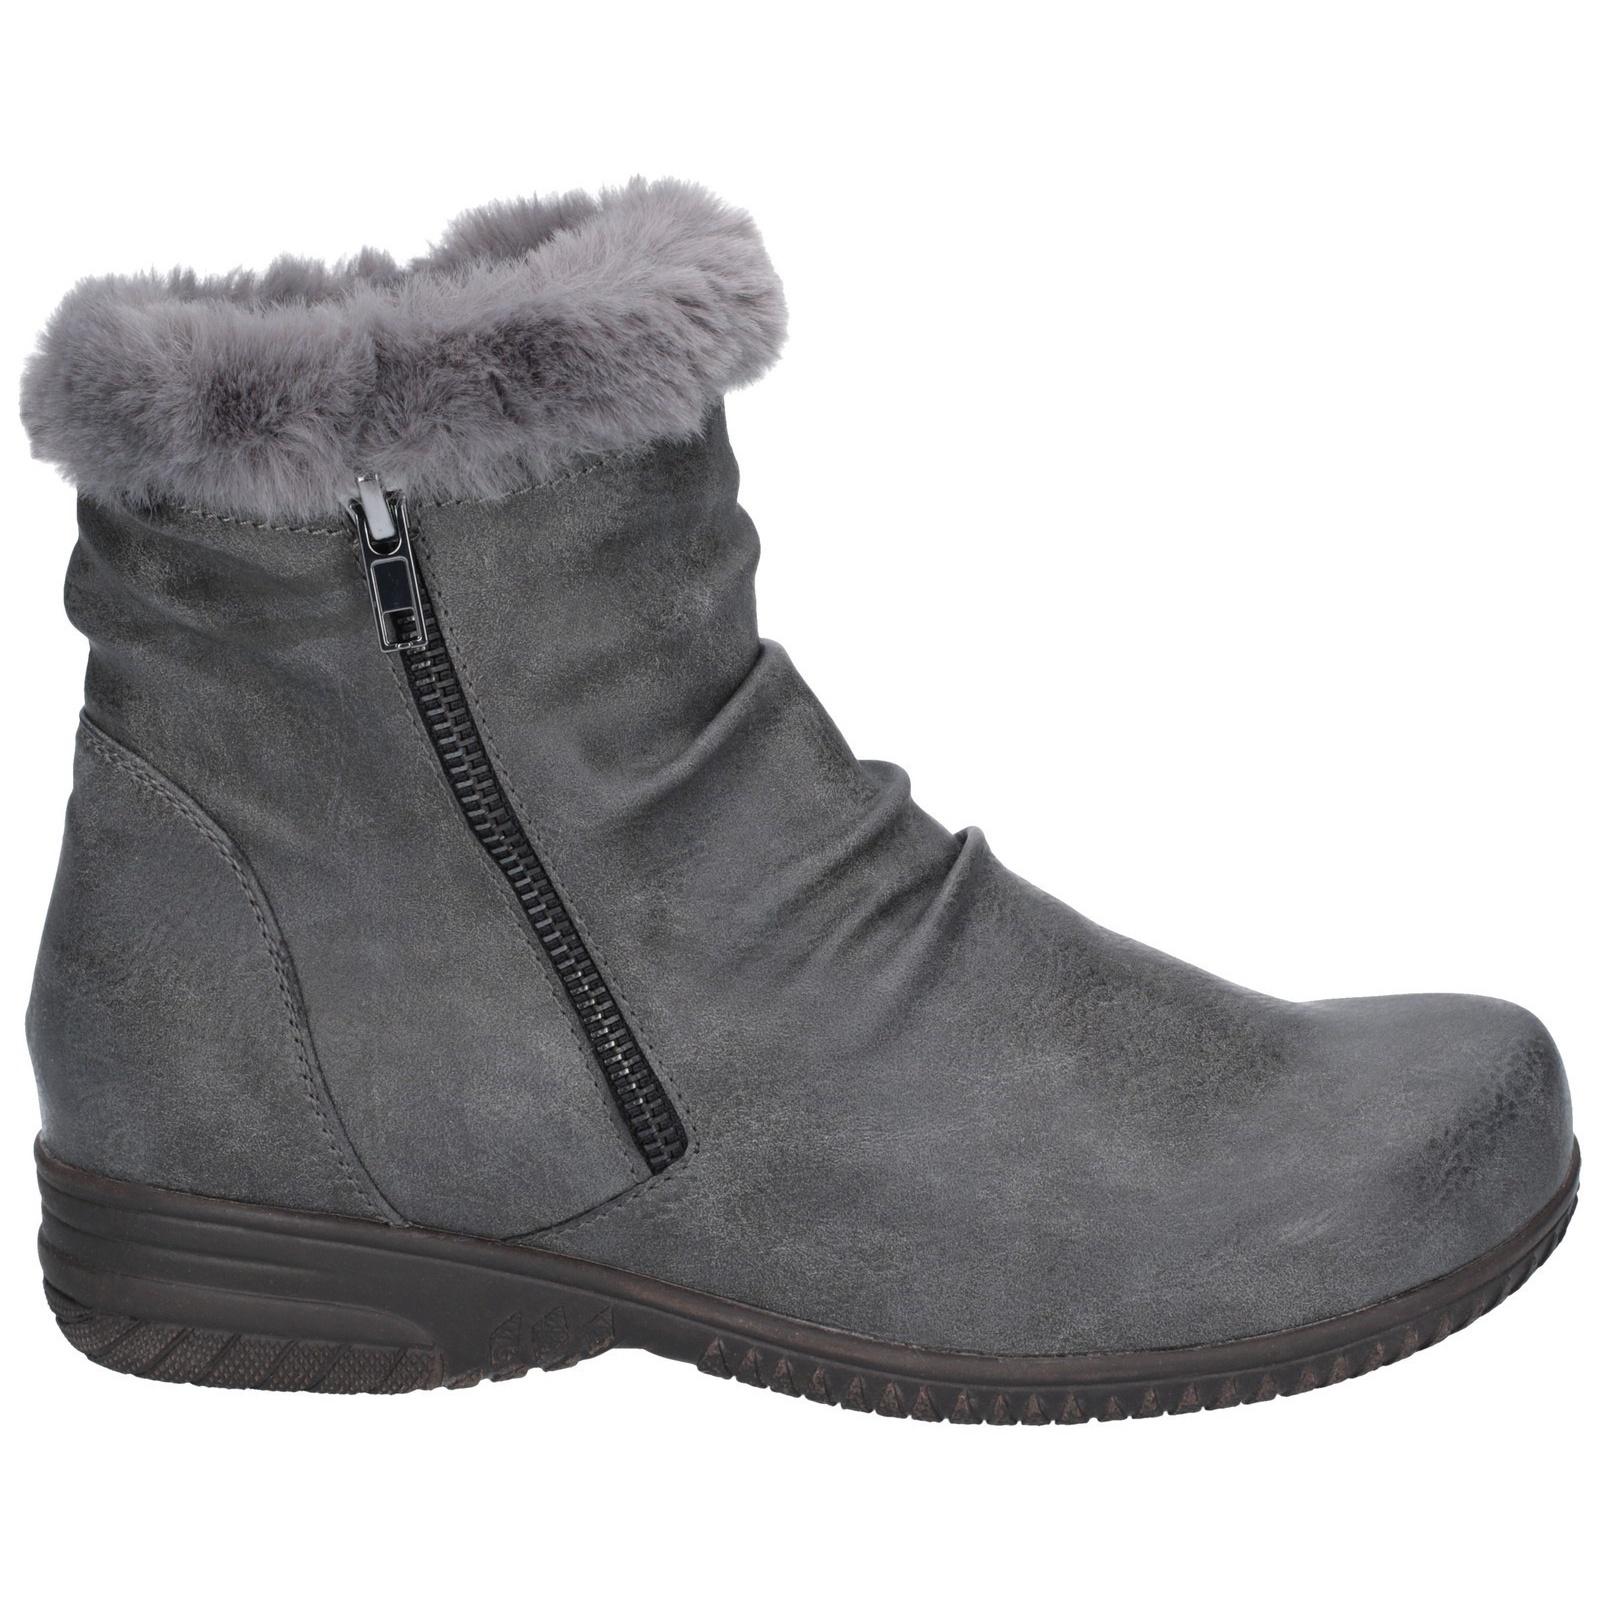 Fleet /& Foster Womens//Ladies Aurora Zip Boot FS5848